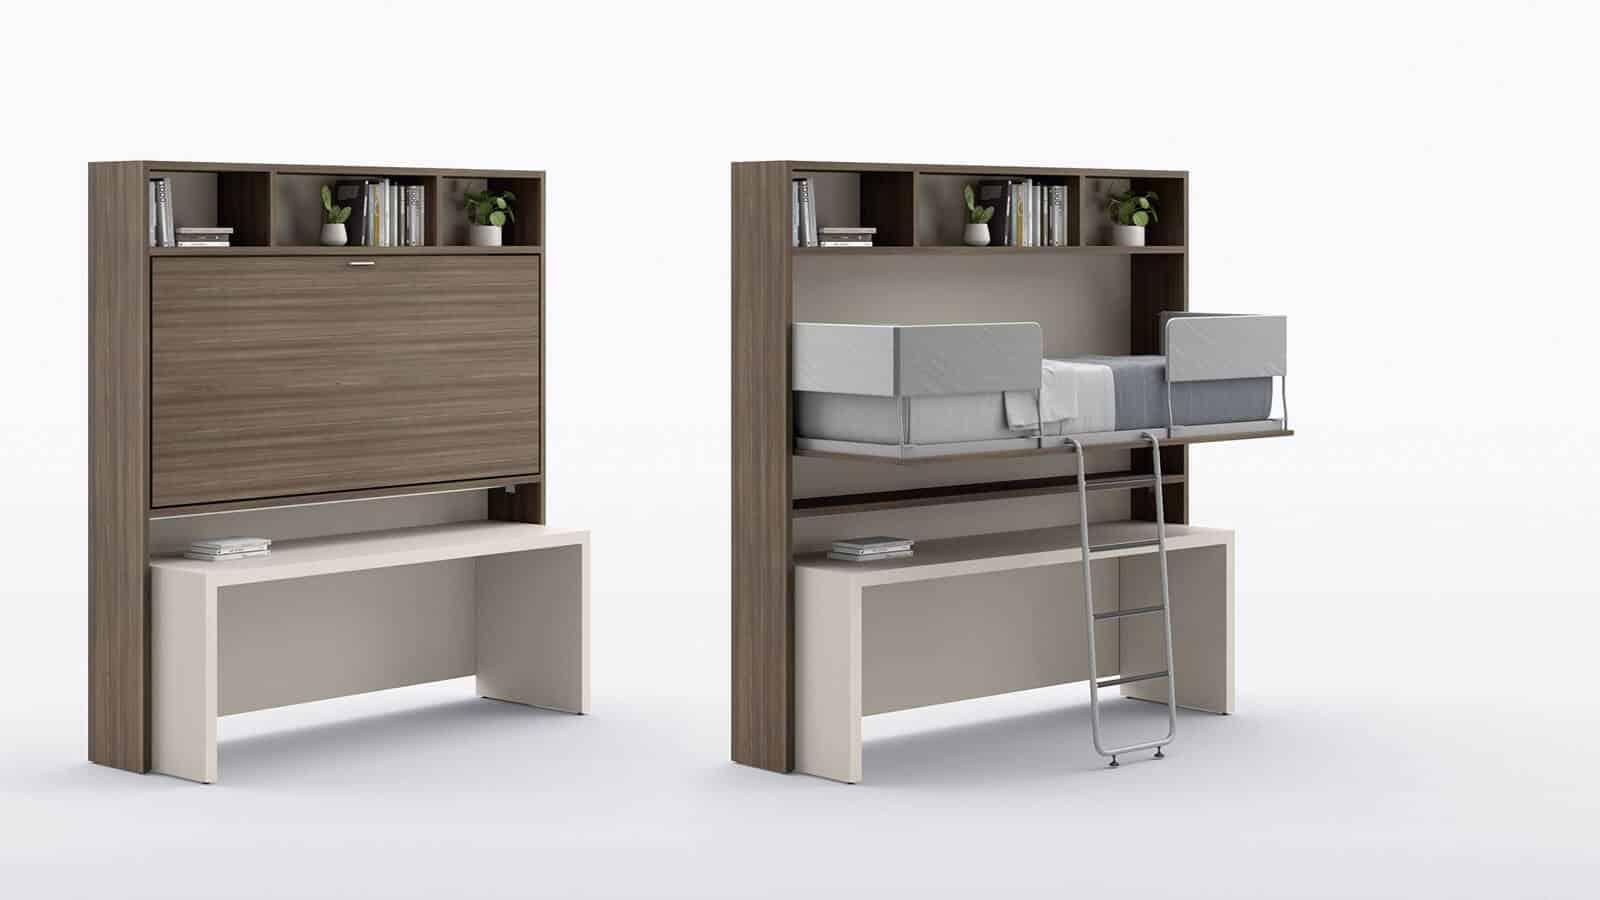 Lit Escamotable Bureau Et Table Gain De Place Optimal Annecy